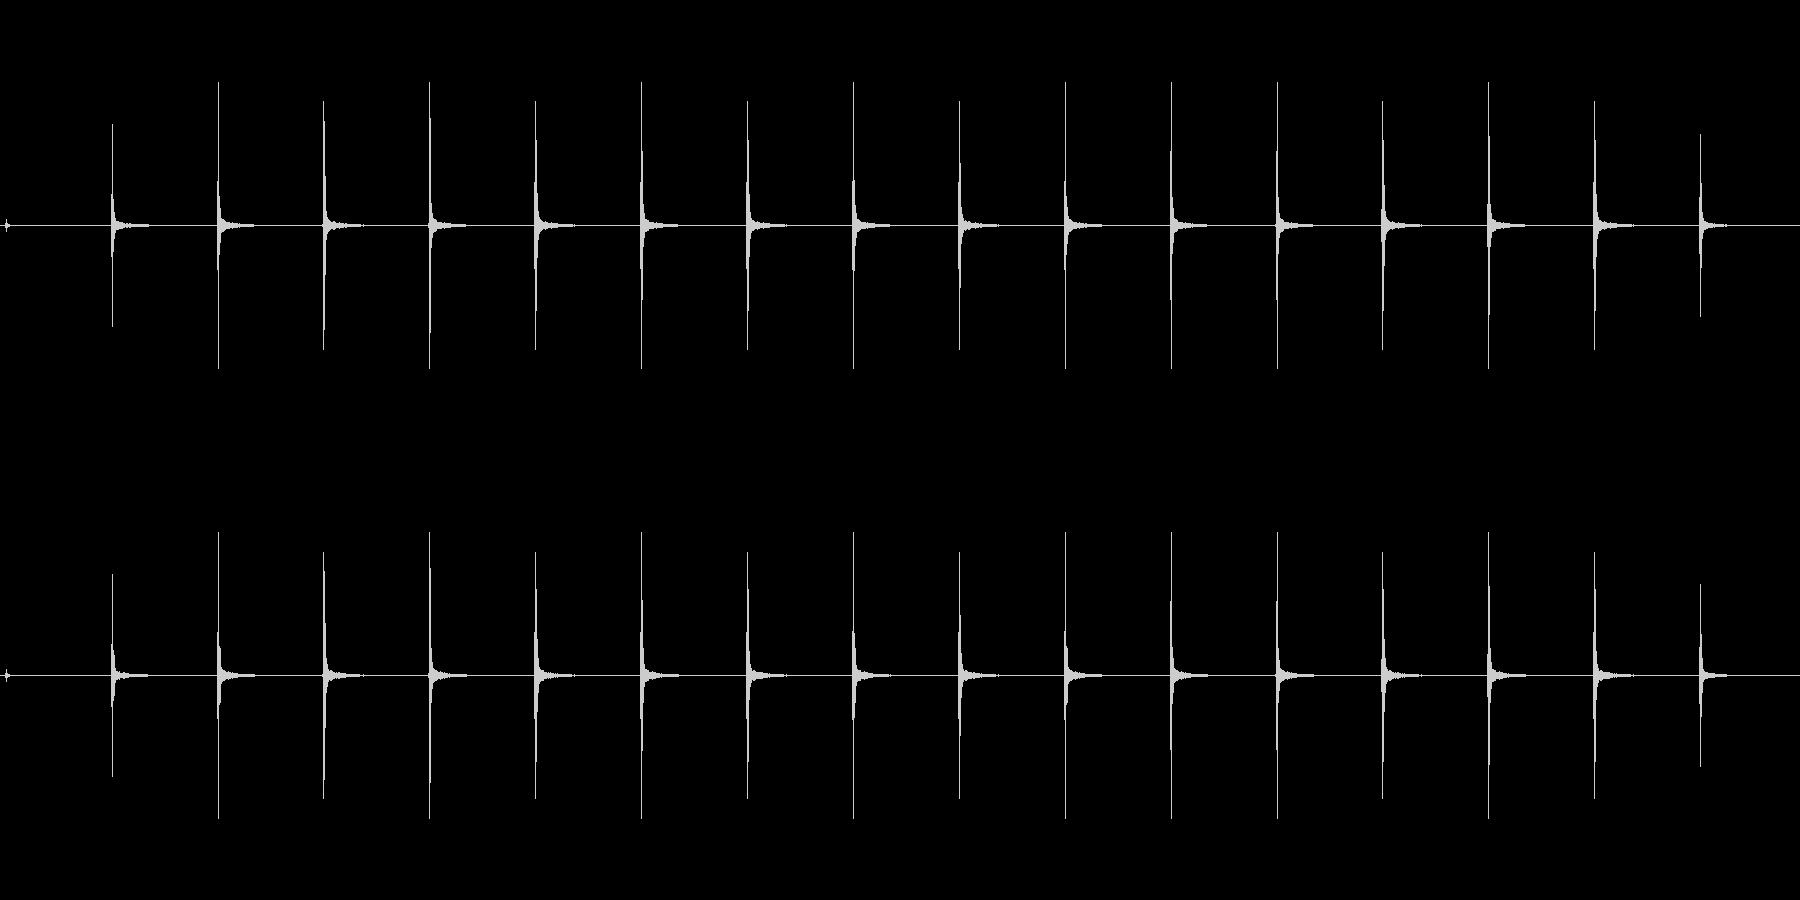 時計 ticktock_28-3_revの未再生の波形